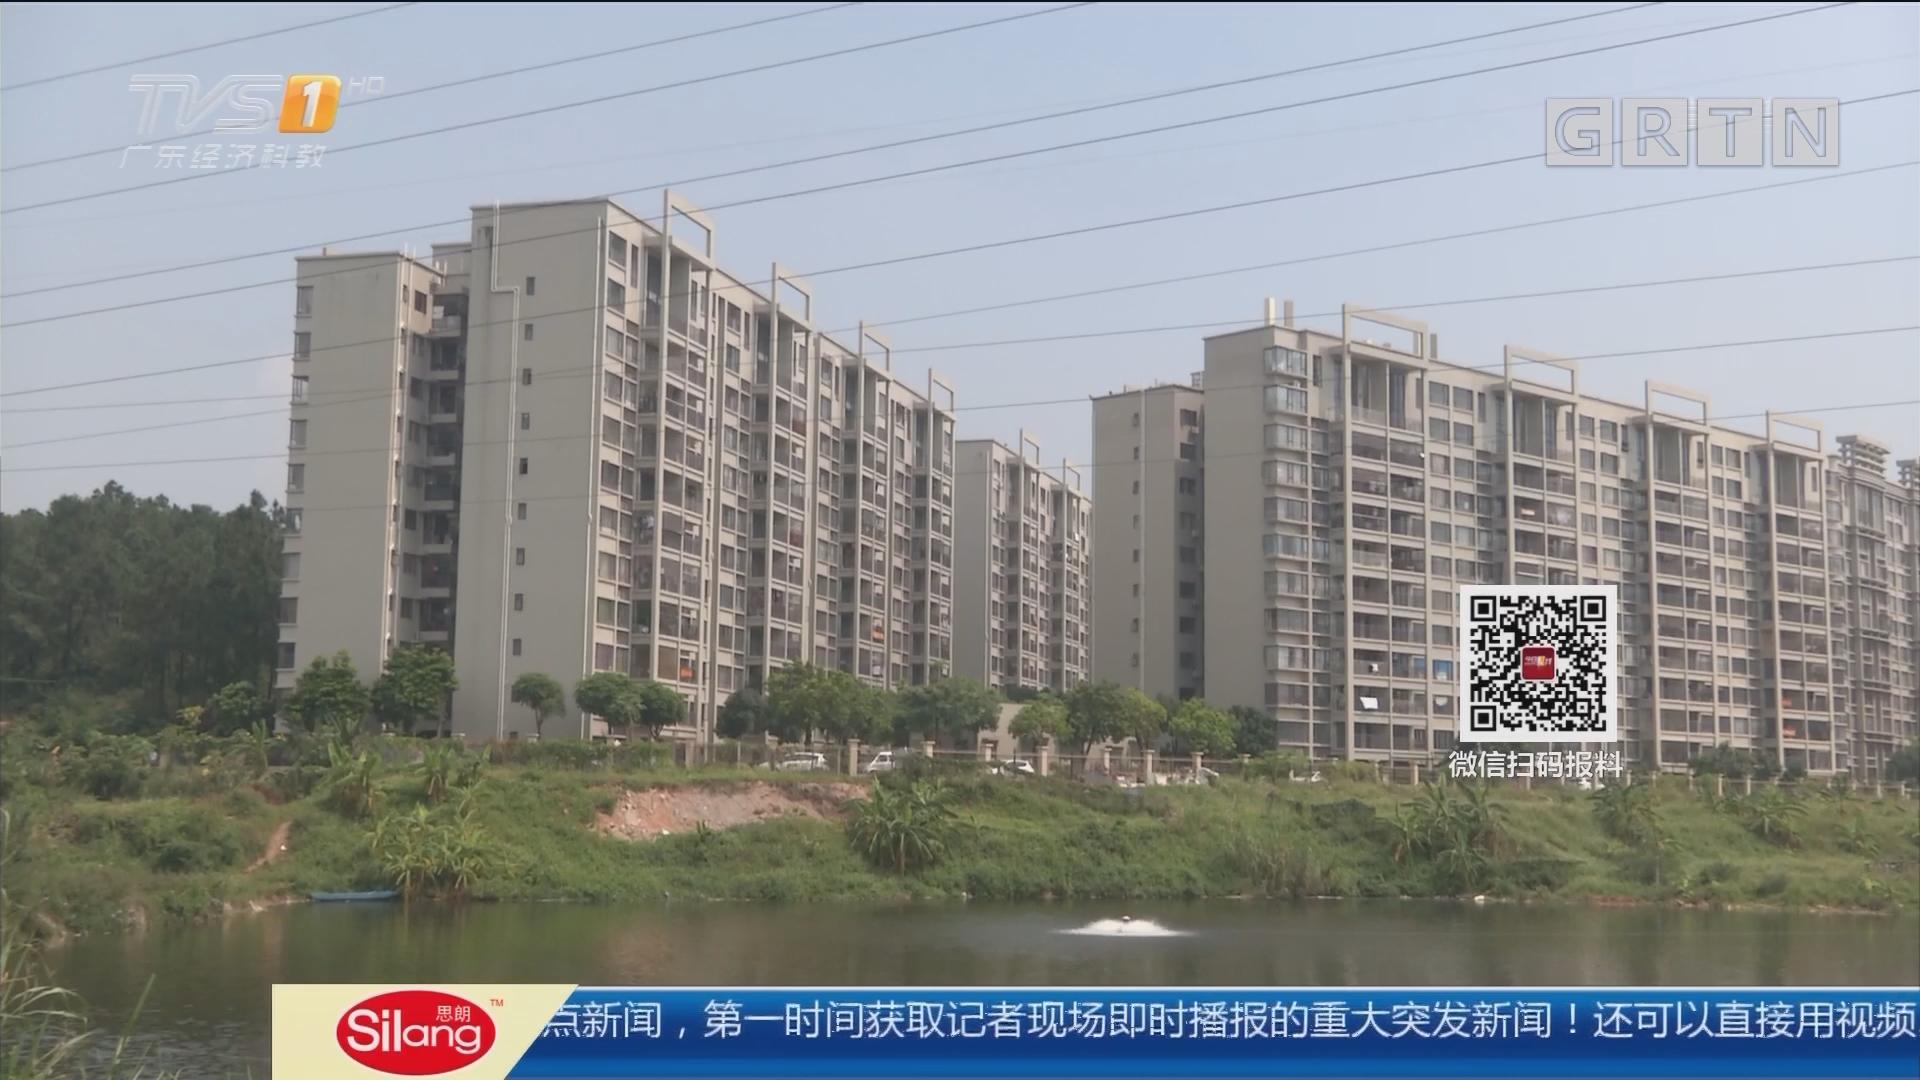 中山南朗镇:鱼塘死鱼臭气熏天 小区住户不敢开窗